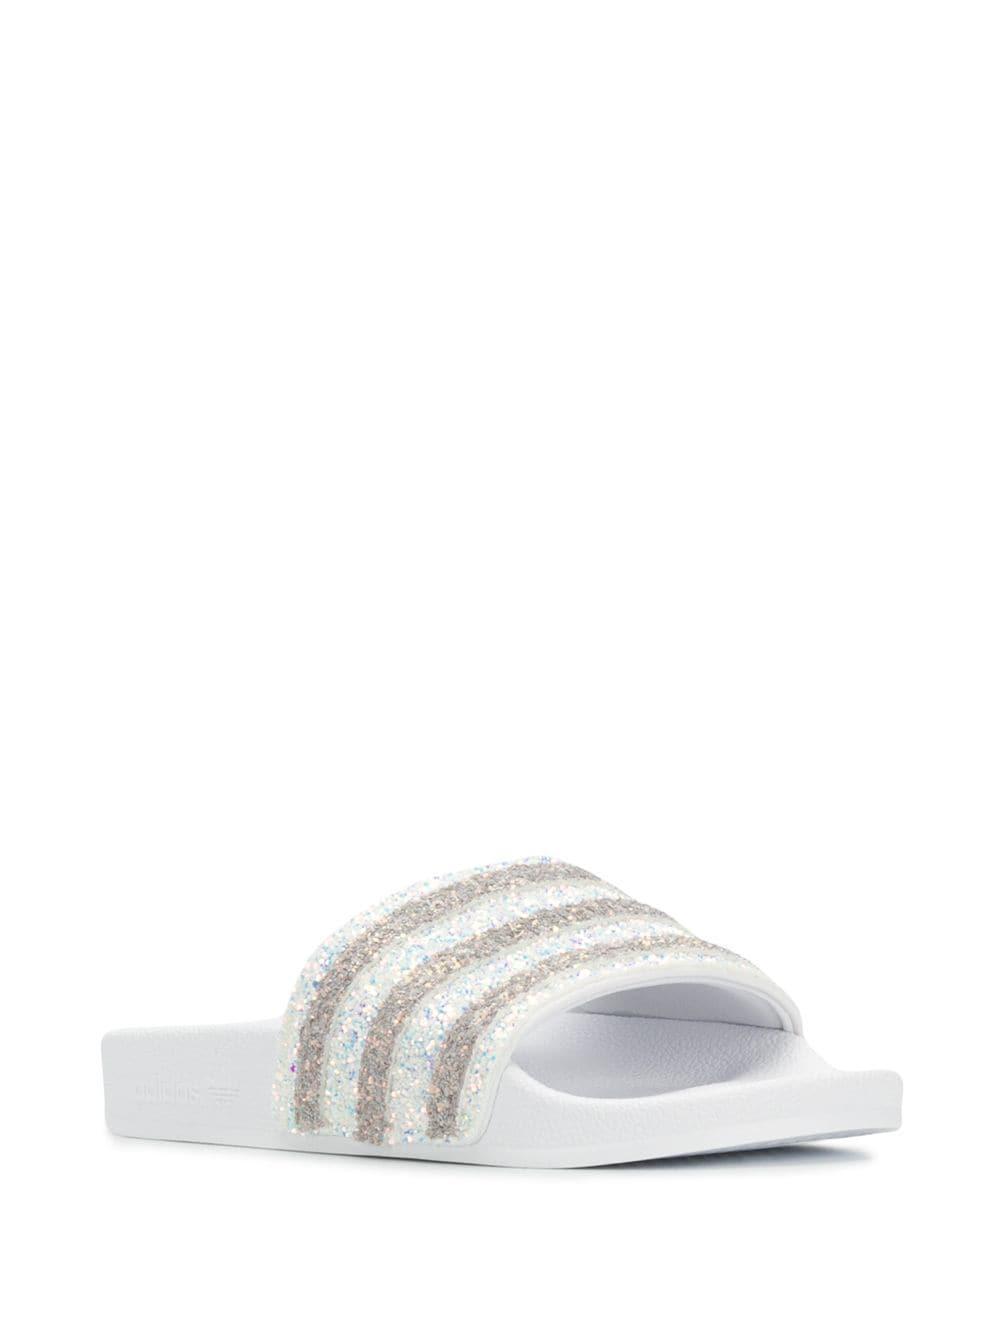 Claquettes Adilette à paillette Synthétique adidas en coloris Blanc